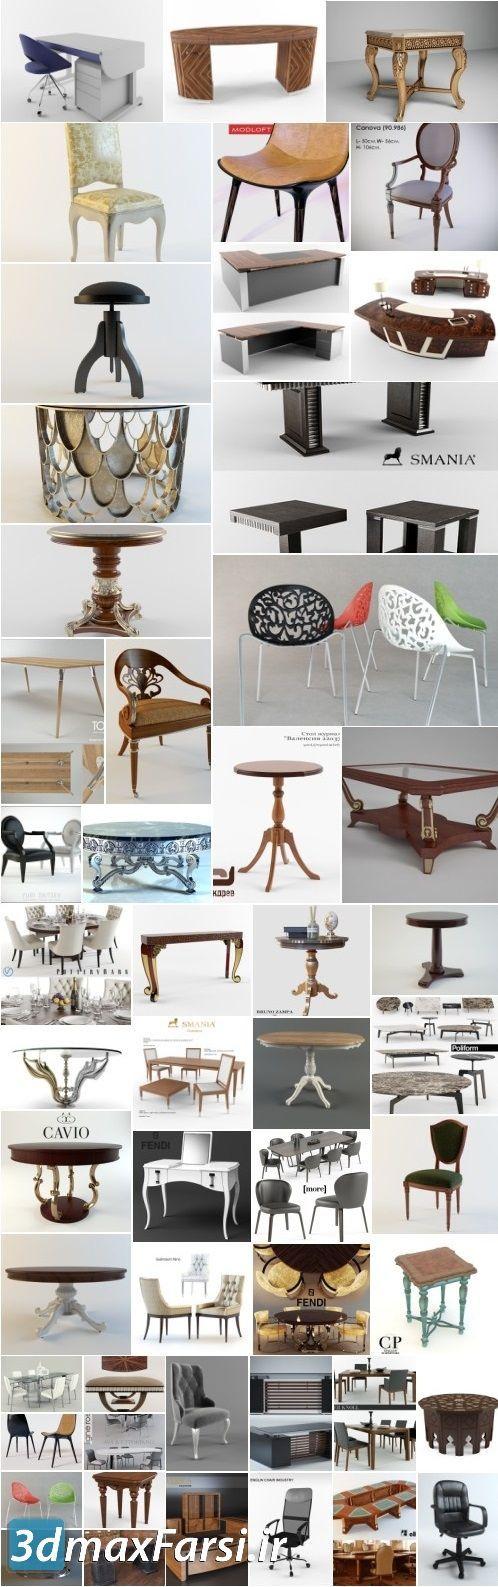 دانلود آبجکت سه بعدی میز و صندلی کلاسیک مدرن